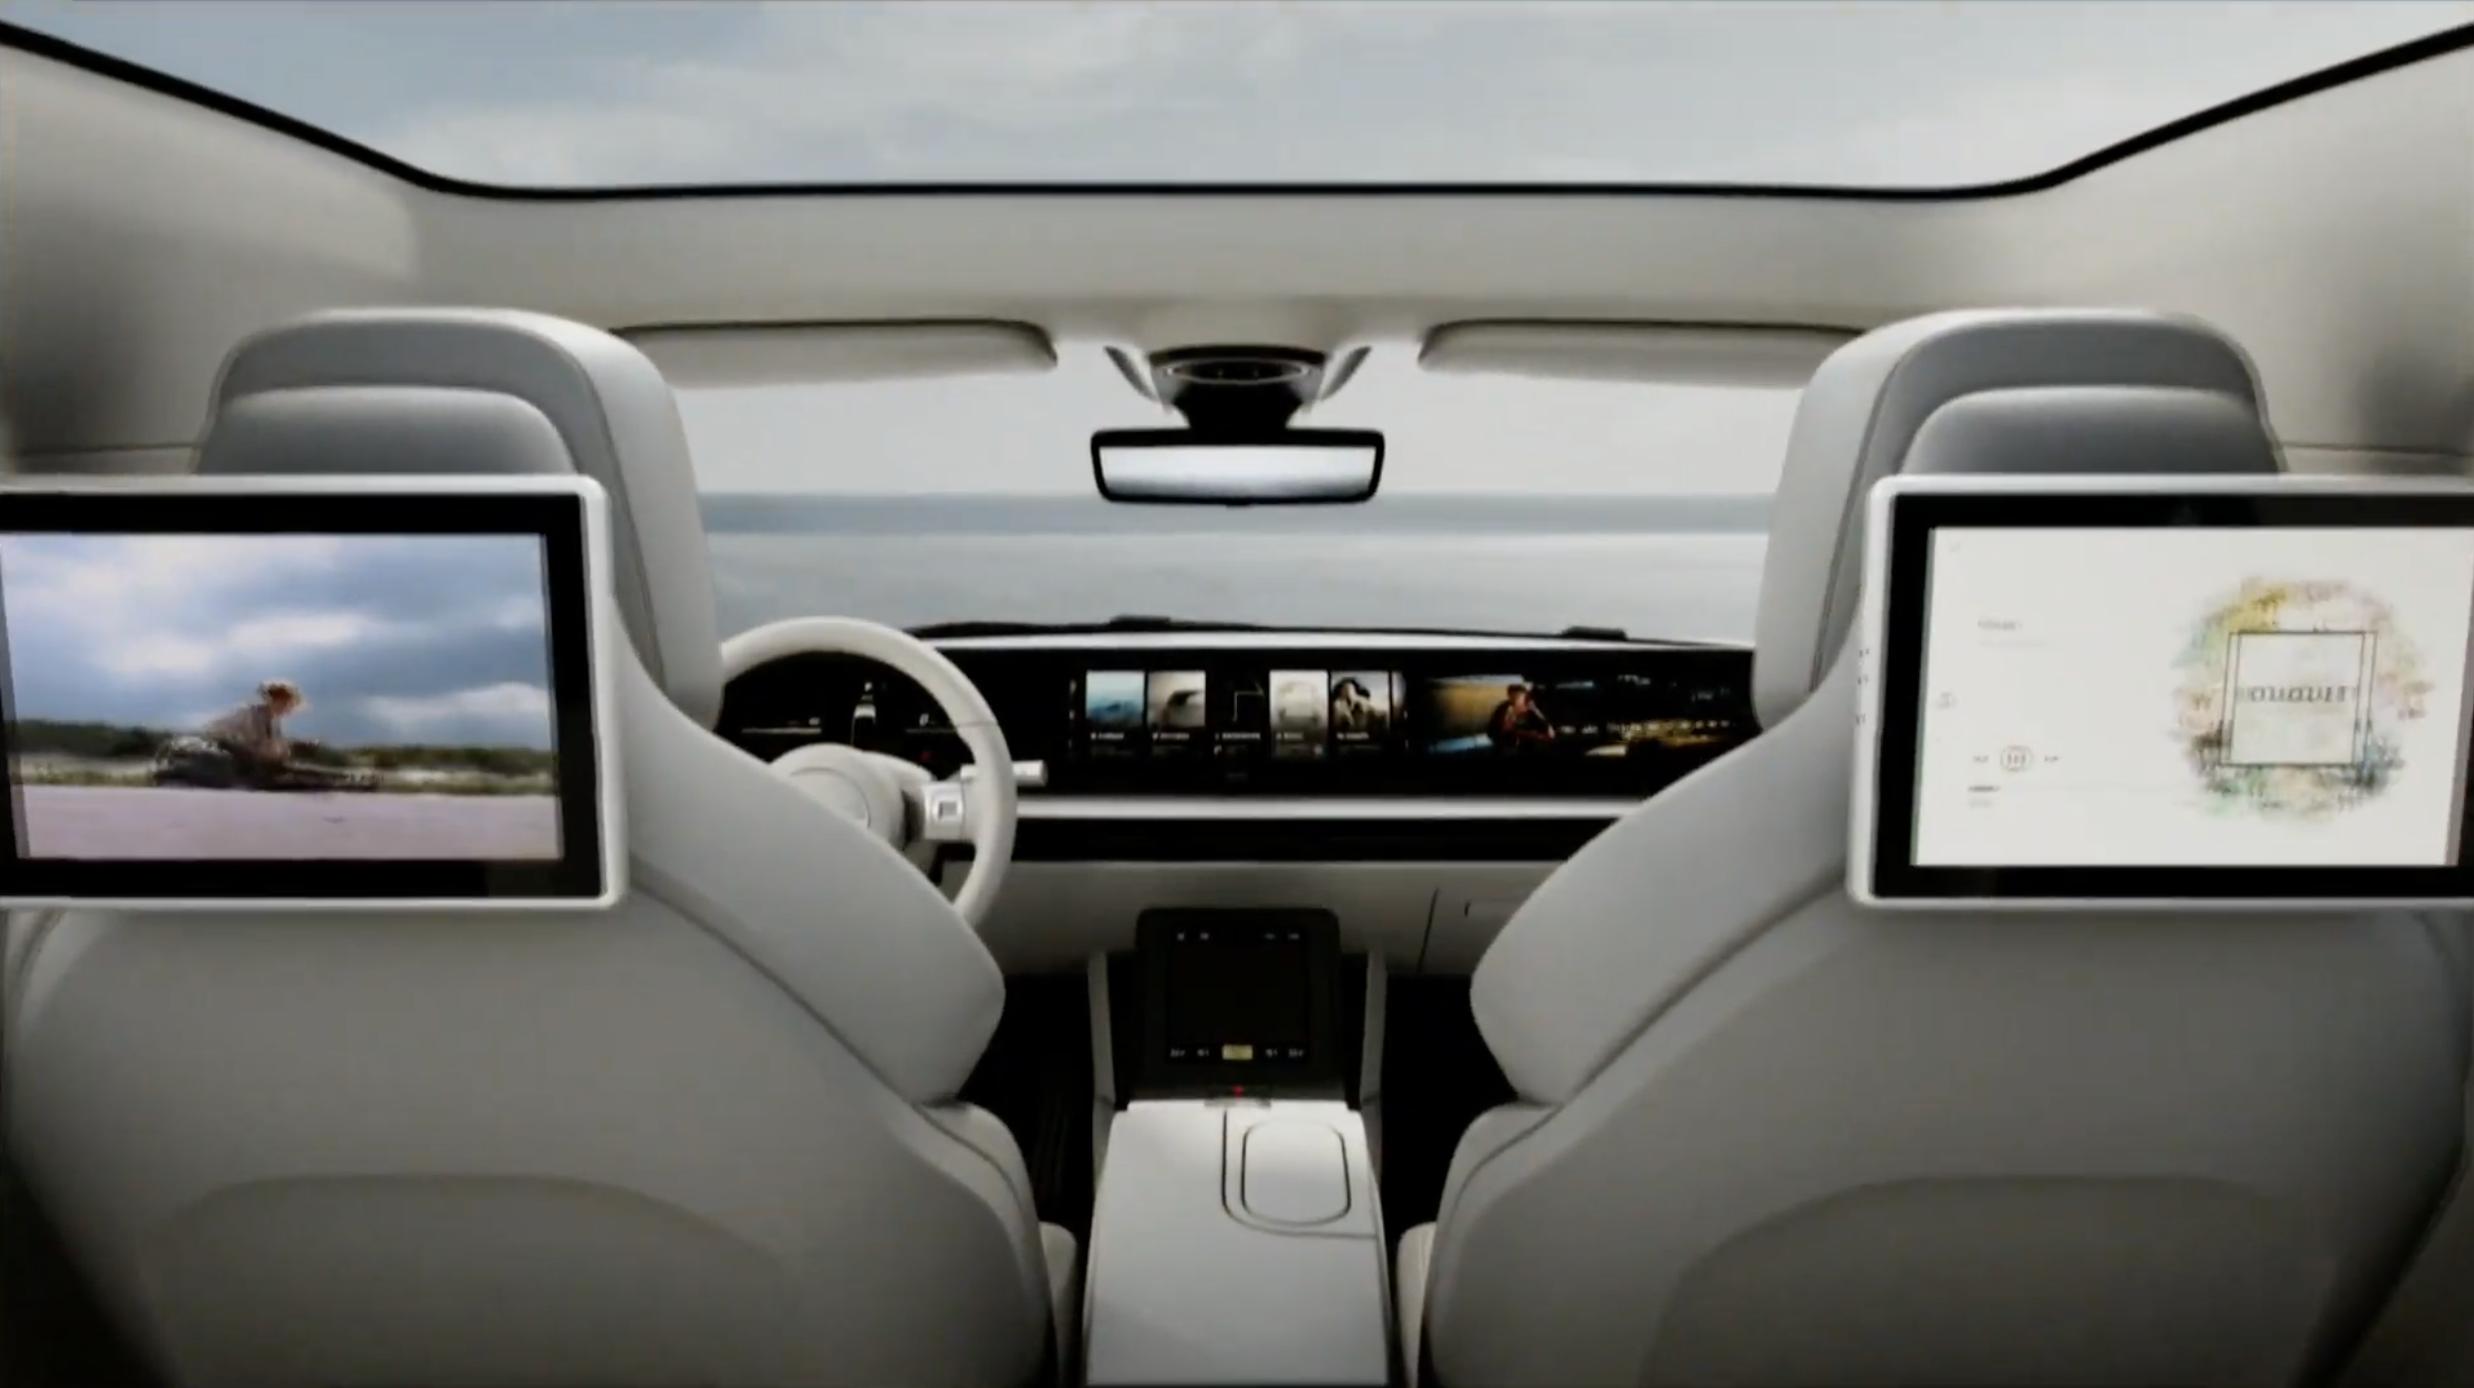 [CES 2020] Sony bất ngờ công bố mẫu xe điện mới Vision-S   Sony vừa có một công bố có thể được coi là một trong những bất ngờ lớn nhất tại triển lãm di động tiêu dùng (CES) năm nay: một chiếc xe ô tô. Với tên gọi Sony Vision-S, Đây là ý tưởng về một mẫu xe sedan chạy điện, với sứ mệnh trình diễn những thế mạnh đặc trưng nhất của công ty công nghệ Nhật Bản: từ các sản phẩm giải trí đến cảm biến camera và nhiều hơn nữa. Trên thực tế, chiếc xe Vision-S sở hữu đến 33 cảm biến khác nhau được đặt trong và ngoài xe, Cùng nhiều màn hình rộng, âm thanh vòm 360 độ, các kết nối luôn bật (always-on); một số sản phẩm trong số đó tới từ các hãng công nghệ nổi tiếng khác như BlackBerry và Bosch. Chiếc xe này còn được trang bị